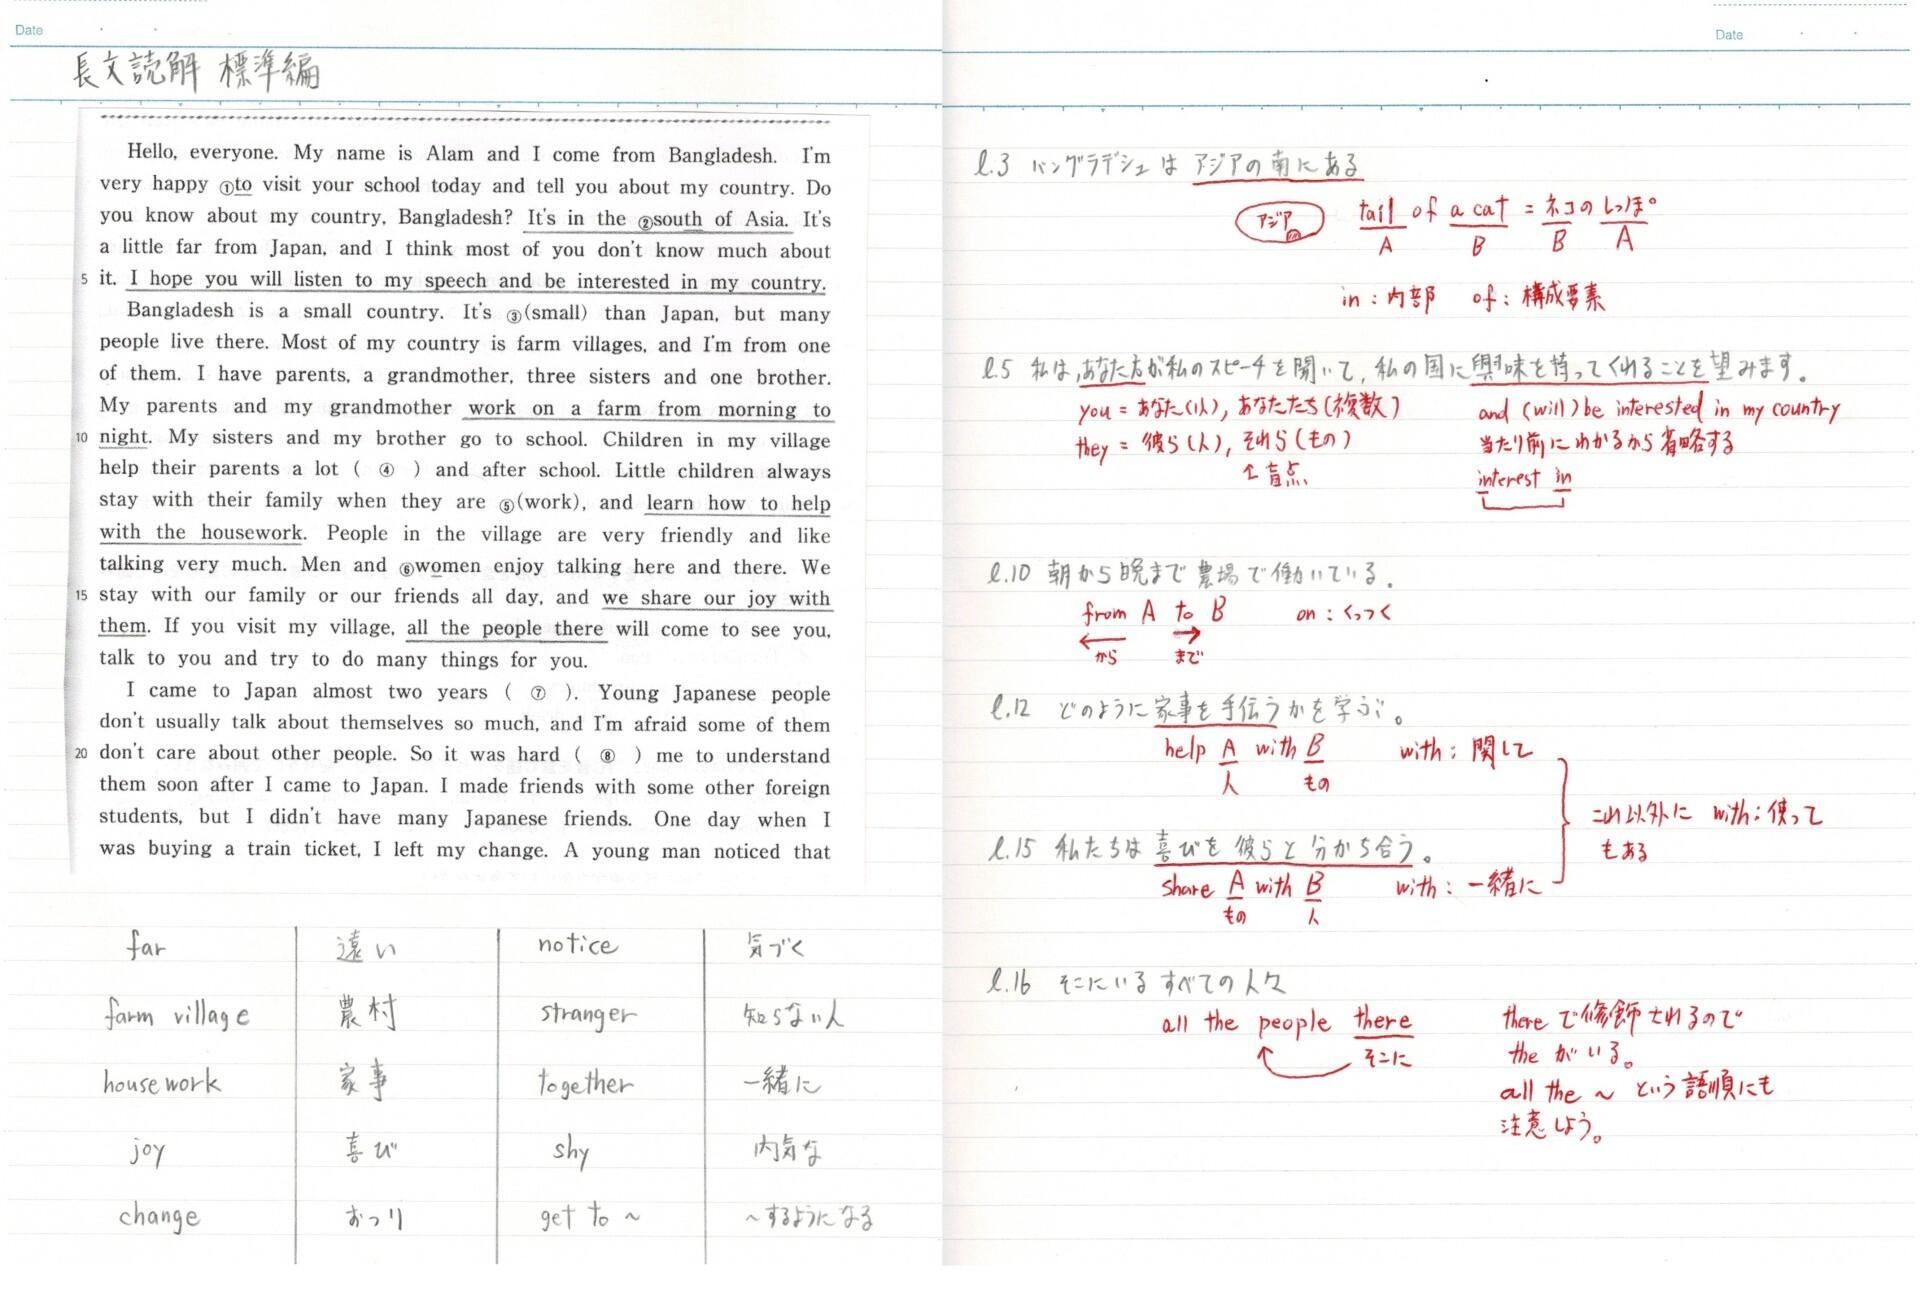 英語長文の弱点分析ノート